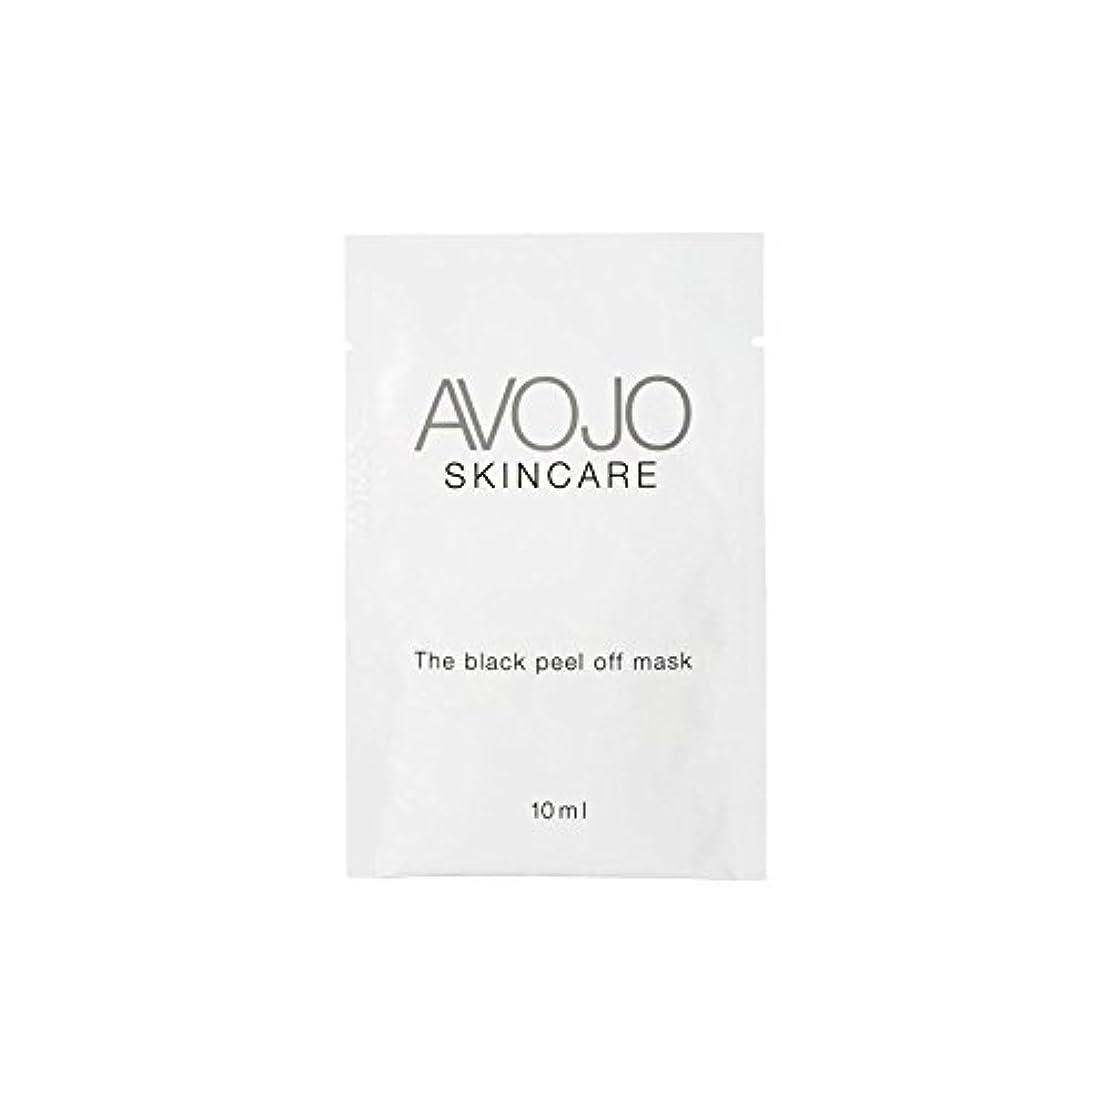 クリア嬉しいです課税Avojo - The Black Peel Off Mask - Sachet (10ml X 4) - - ブラックピールオフマスク - 小袋(10ミリリットル×4) [並行輸入品]